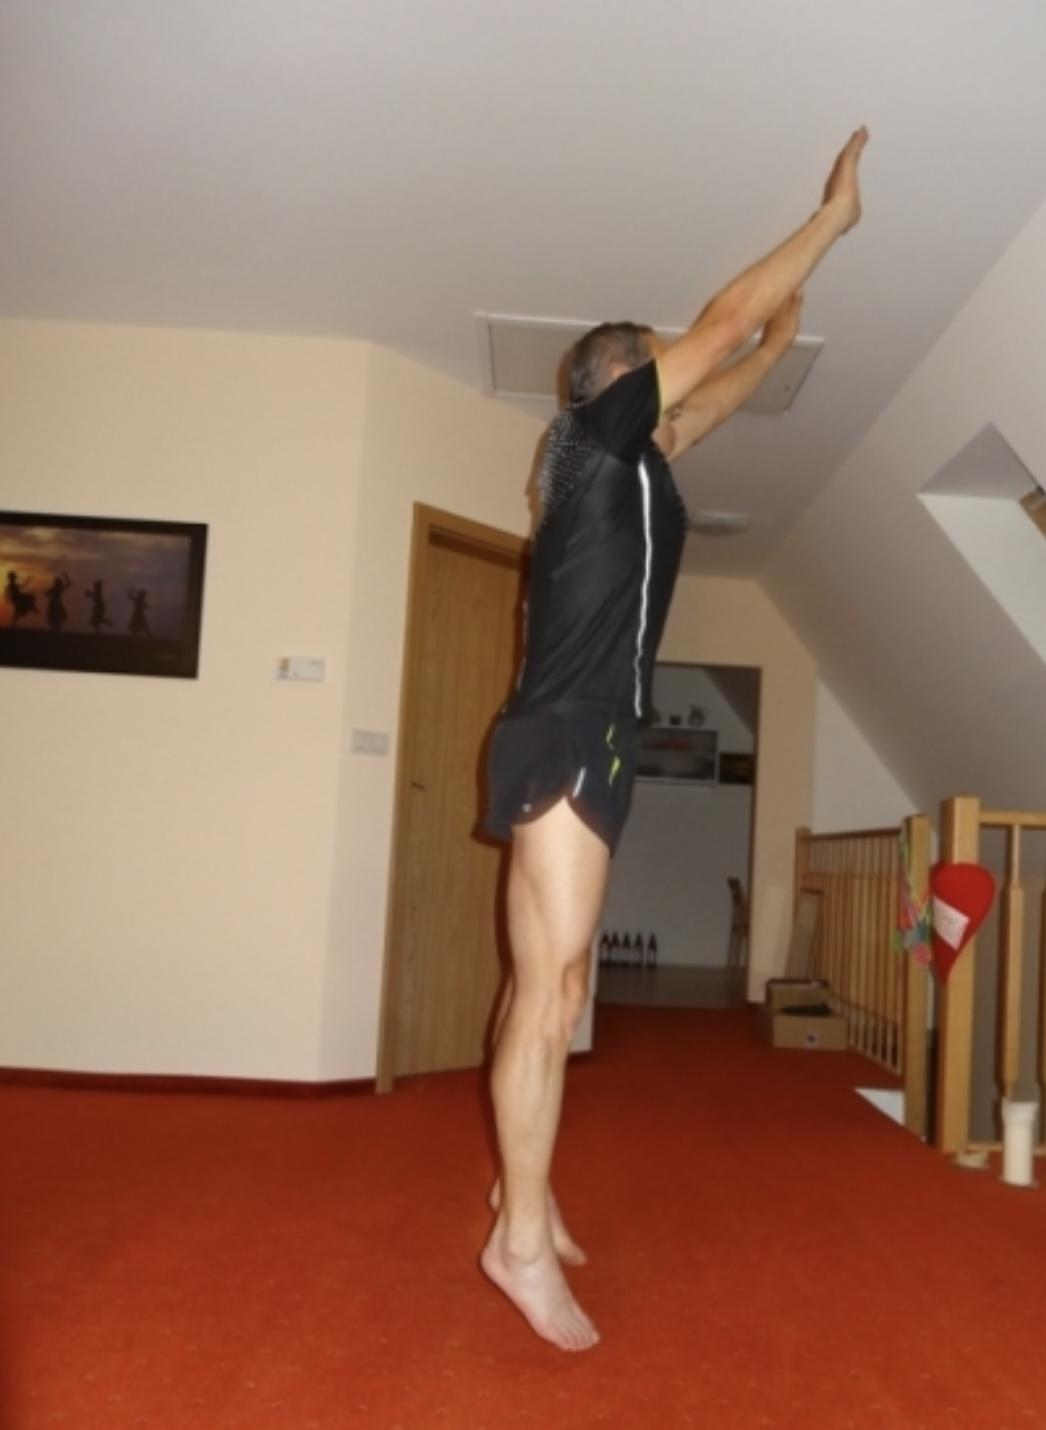 Speciální běžecký trénink, který vám pomůže se zlepšit o mnoho procent a tipy na léto - vyskoč